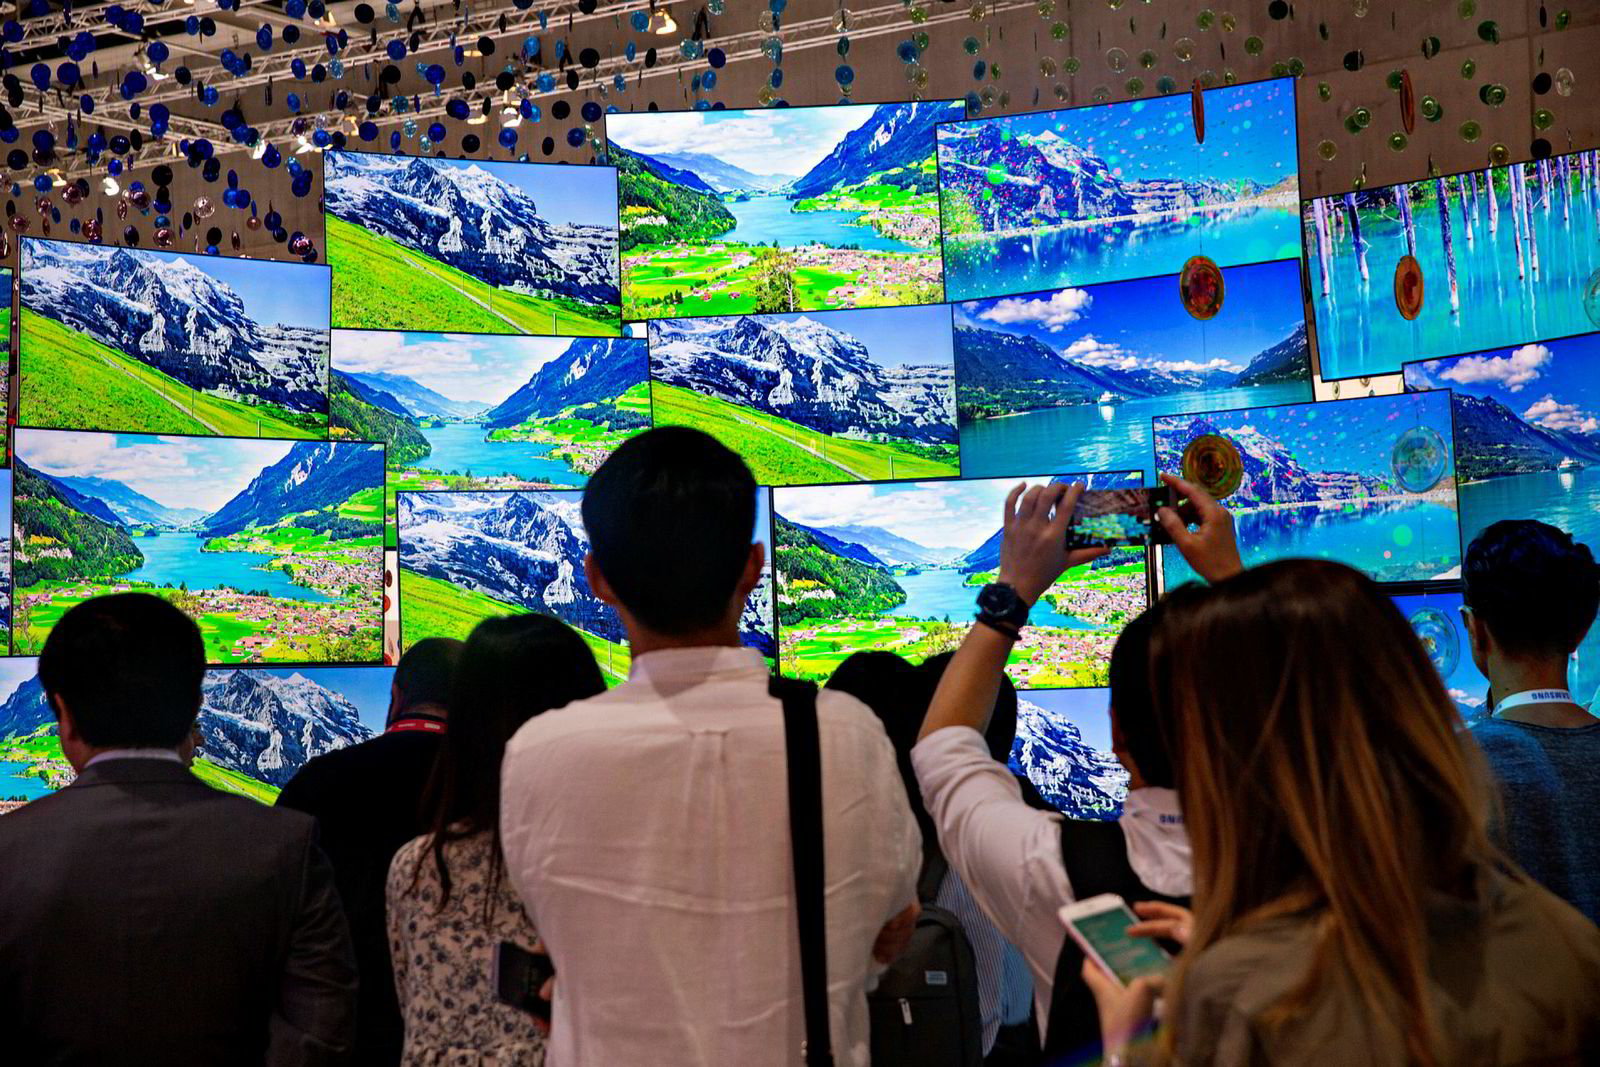 Samsungs TVer med kvantepiksler studeres og fotograferes under IFA-messen i Berlin FOTO: Marte Christensen . Samsungs Quantum Dot-teknologi gir noen av de beste tv-bildene man kan få i dag.